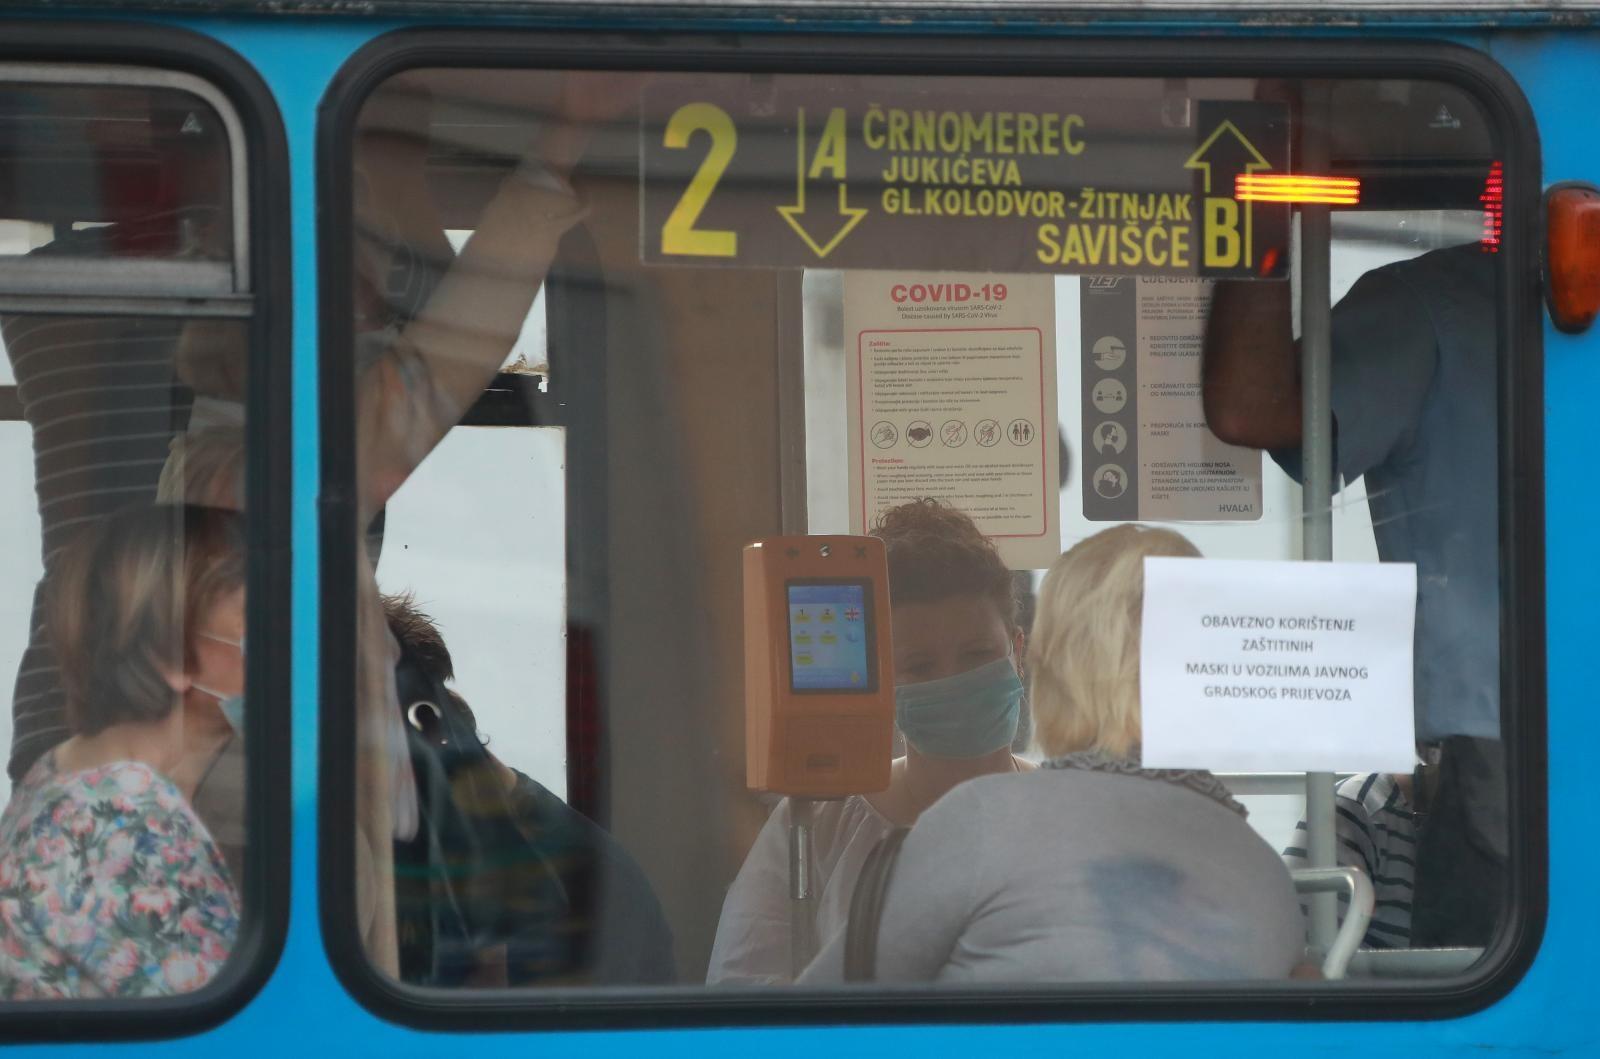 Tramvaj na okretištu Črnomerec.